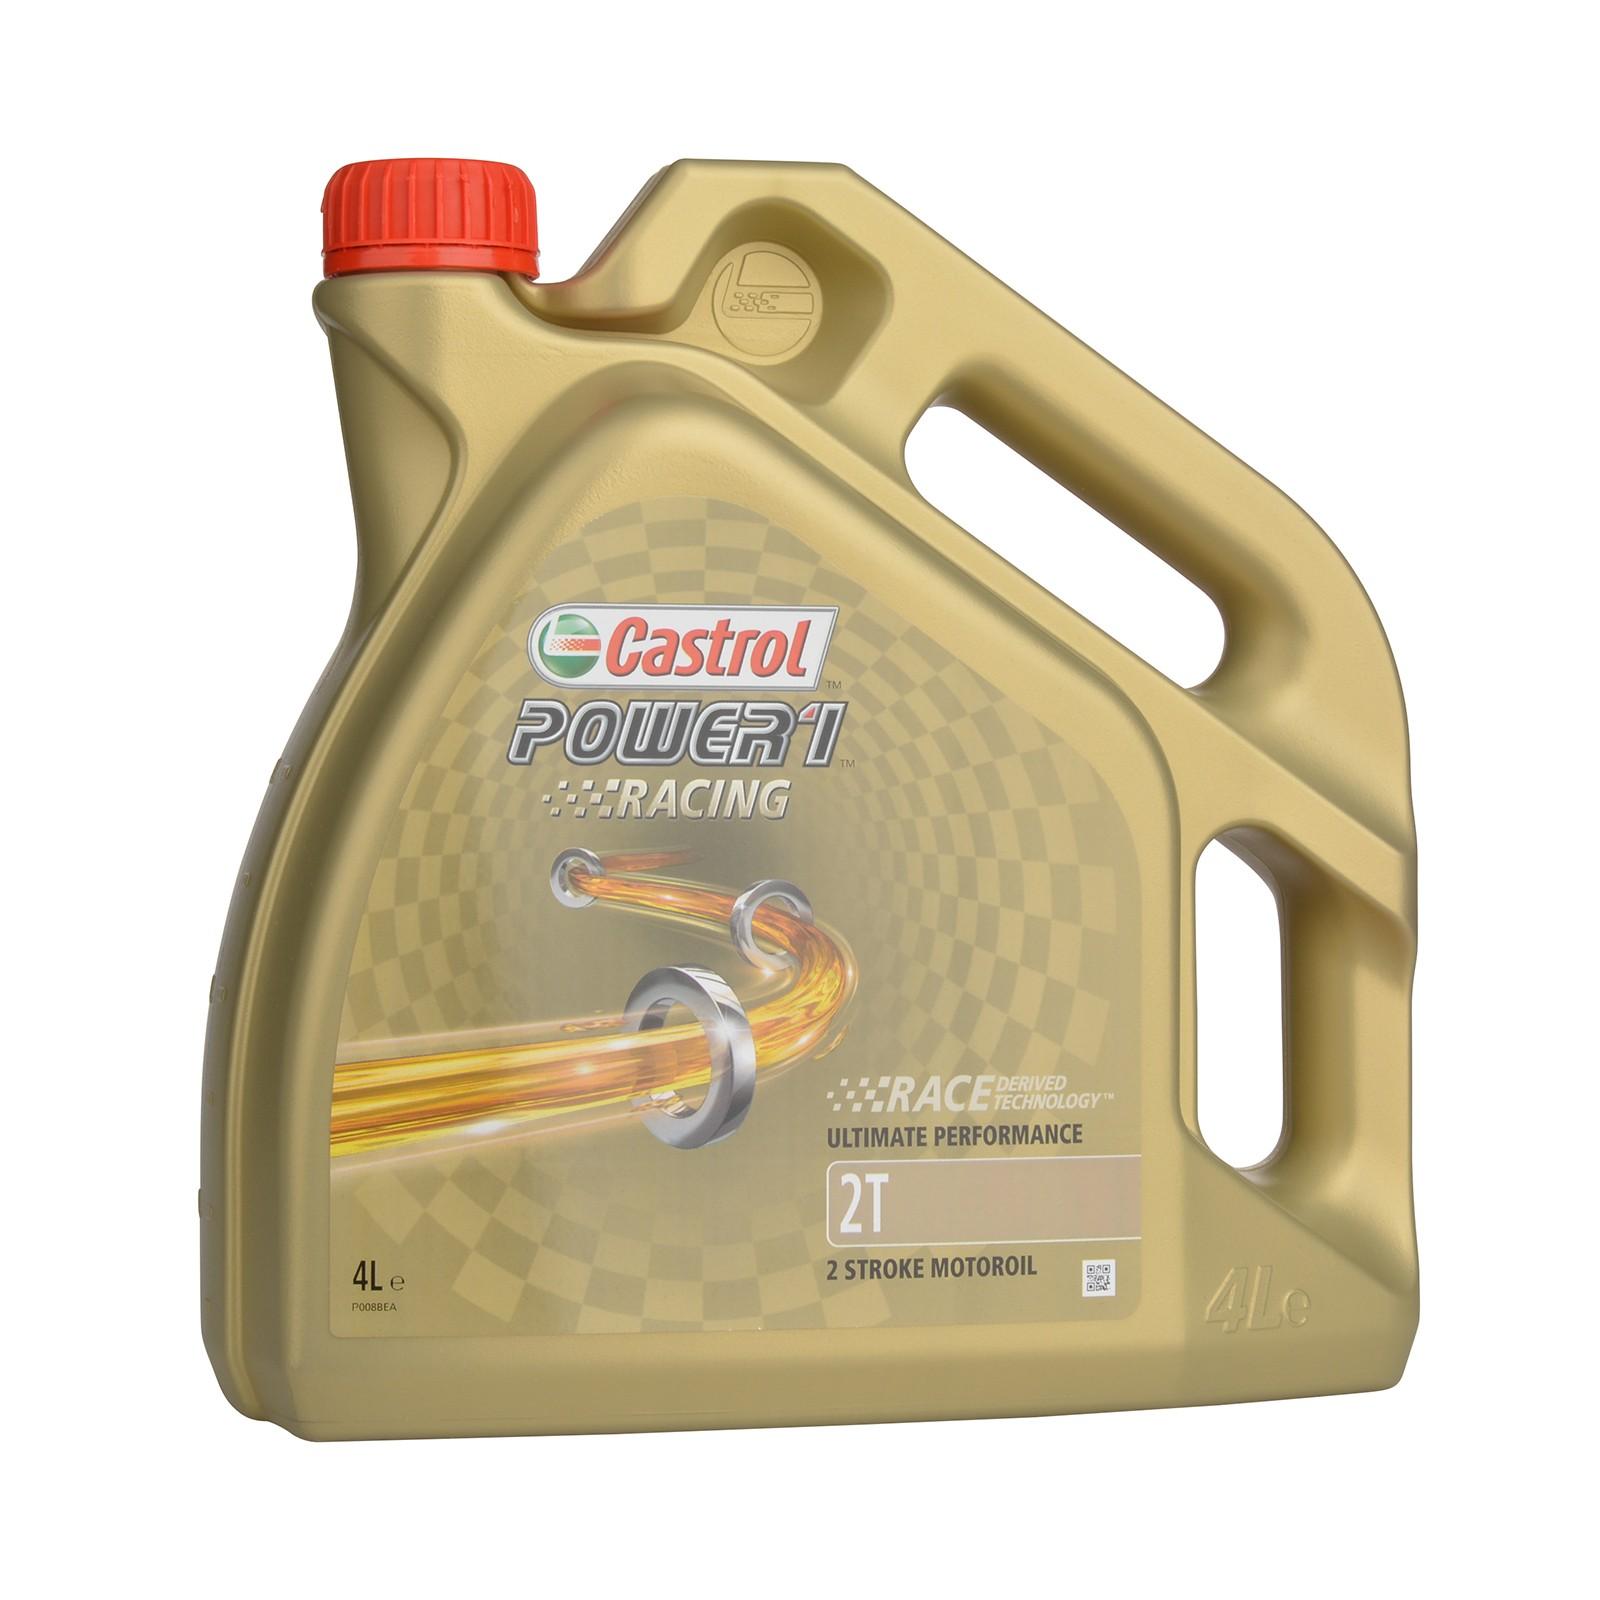 Castrol Power 1 Racing 2T - 4 Liter – Bild 1